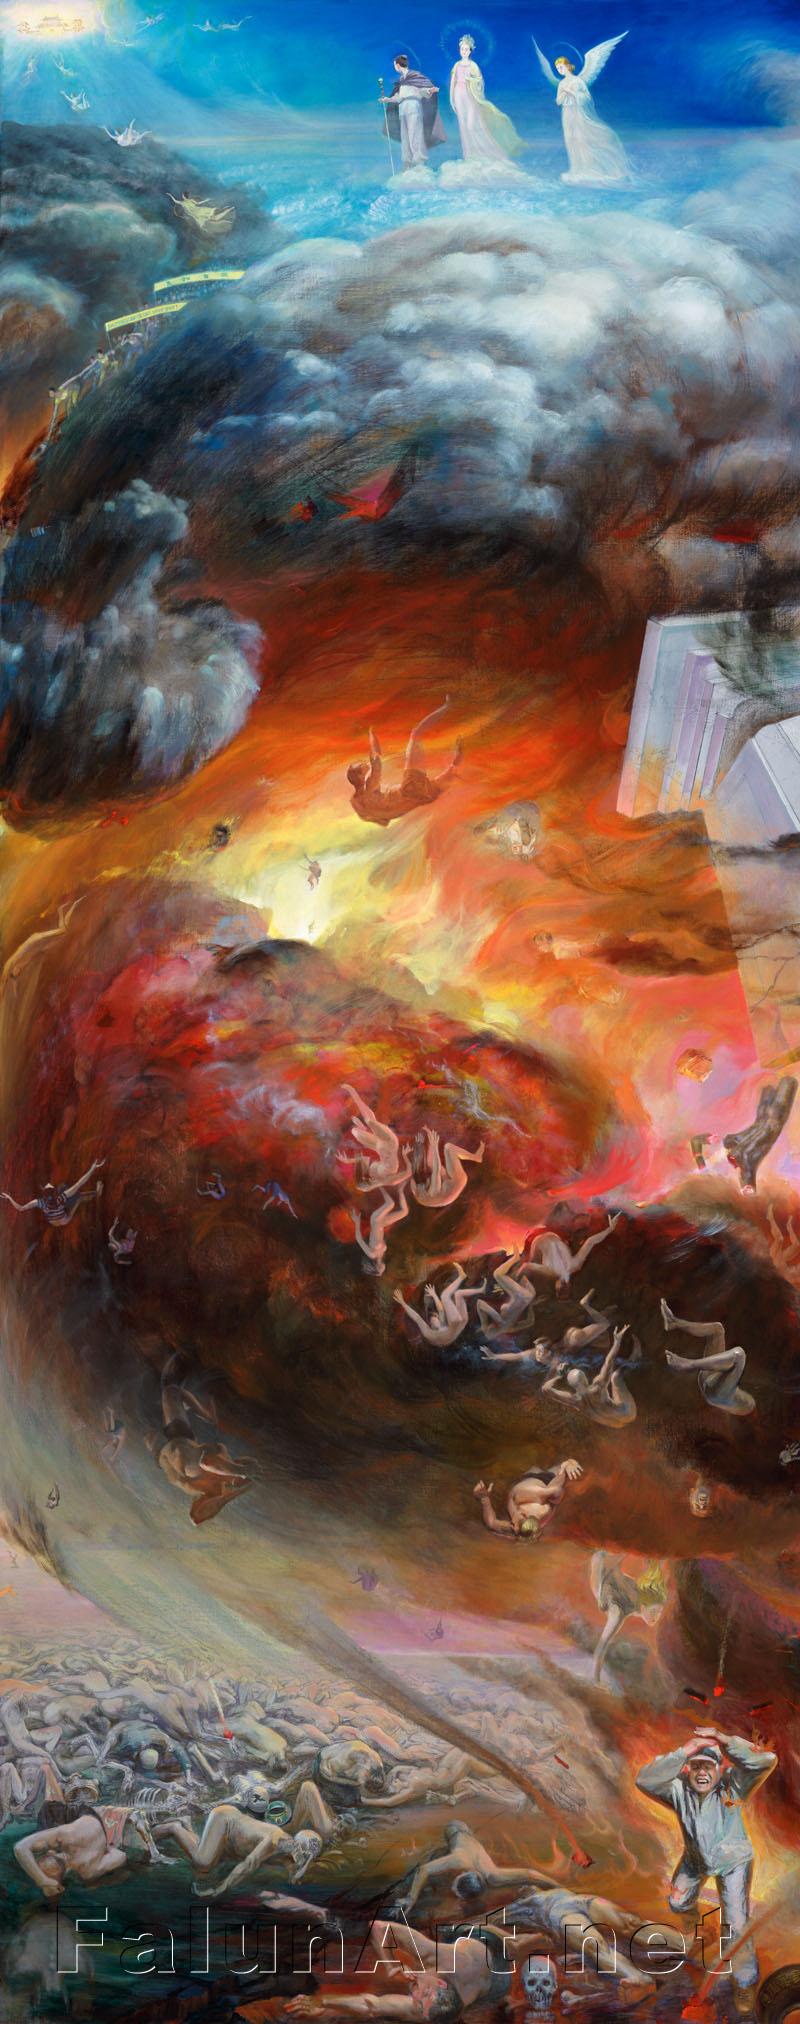 """Trong suốt chiều dài lịch sử, nhiều lần đạo đức của nhân loại đã trượt dốc đến một mức độ đáng sợ và lại phải đối mặt với thảm họa. Trận đại hồng thủy trong quá khứ hầu như đã quét sạch toàn bộ thế giới. Hai nghìn năm trước, đế chế La Mã đã bức hại tàn khốc các tín đồ Cơ Đốc, một chuỗi dịch bệnh đã lần lượt giết chết gần một nửa dân số. Thật đáng buồn thay, lịch sử dường như đang lặp lại. Ngày nay, giá trị đạo đức nhân loại lại một lần nữa trượt dốc đến một mức độ nguy hiểm.   Nhiều tôn giáo có nói rằng, trong """"Phán Xét Cuối Cùng"""", Thần sẽ lại xuất hiện để đưa người tốt lên thiên giới và đày kẻ xấu xuống địa ngục.   """"Thiện ác hữu báo"""" là phép tắc vĩnh hằng bất biến của vũ trụ.   Các nguyên lý phổ quát của Pháp Luân Công – """"Chân – Thiện – Nhẫn"""" – đã và đang mang lại hy vọng cho nhân loại. Nhưng, từ tháng 7/1999 ĐCSTQ đã phát động một cuộc bức hại tàn bạo đối với môn tu tập hòa bình này. Hưởng lợi từ việc cưỡng bức lao động và mổ cắp nội tạng của các học viên Pháp Luân Công đã đẩy con người xuống thấp hơn nữa trên nấc thang nhân tính. Dối trá và tuyên truyền vu khống đã gây hiểu lầm và kích động lòng thù hận của người dân đối với Pháp Luân Công. Bị dụ dỗ bởi những món lợi tài chính, các chính phủ, cộng đồng doanh nghiệp và các phương tiện truyền thông thế giới đã hầu như câm lặng trước thảm họa to lớn nhất lịch sử nhân loại này. Những tổ chức đó đã lộ rõ bản chất đạo đức giả, phản bội lương tâm, tự do tín ngưỡng và nhân quyền.   Sự câm lặng trước những tội ác chống lại loài người ấy đã buộc các học viên Pháp Luân Công phải tự nỗ lực giữa cuộc bức hại tàn khốc này, để thức tỉnh người dân thế giới và làm sáng tỏ chân tướng sự thật. Họ không ngừng nói lên sự thật, để mang lại cơ hội cho con người trên thế giới được lựa chọn giữa Thiện và Ác và từ đó xác định vị trí cho mình.   Hình chữ S cấu thành trong bức tranh đã nối liền 2 đối cực – những người tốt bay lên các Thiên đàng, còn kẻ xấu phải đối diện với sự hủy diệt. Đó là sự lựa chọn của bản thân mỗi con người.   Người """